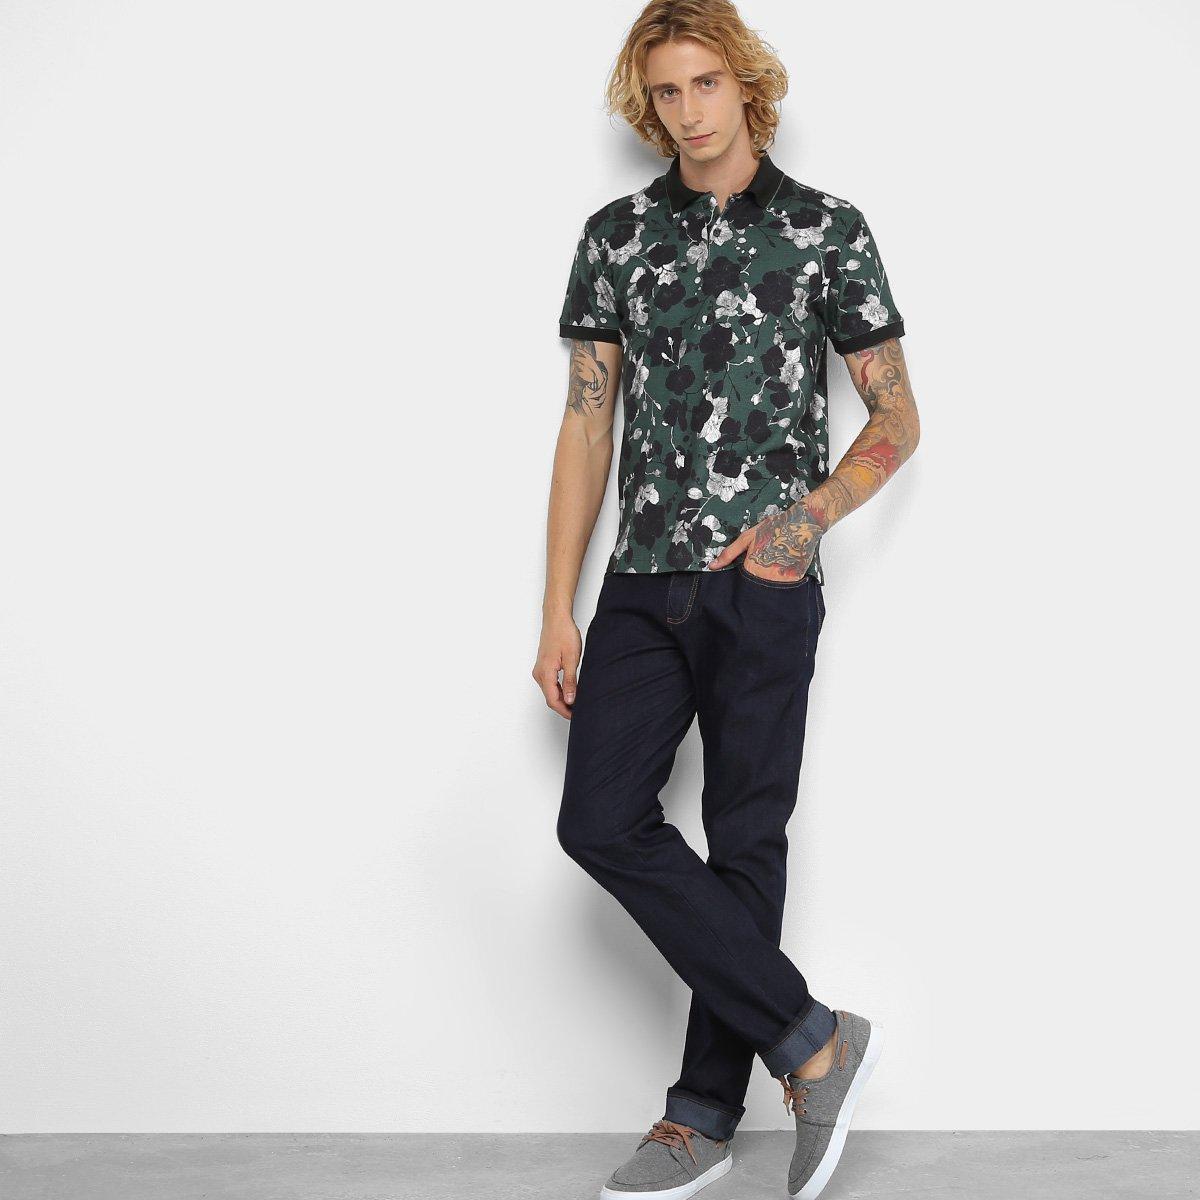 2924cfa4c5 Camisa Polo Forum Floral Masculina - Compre Agora